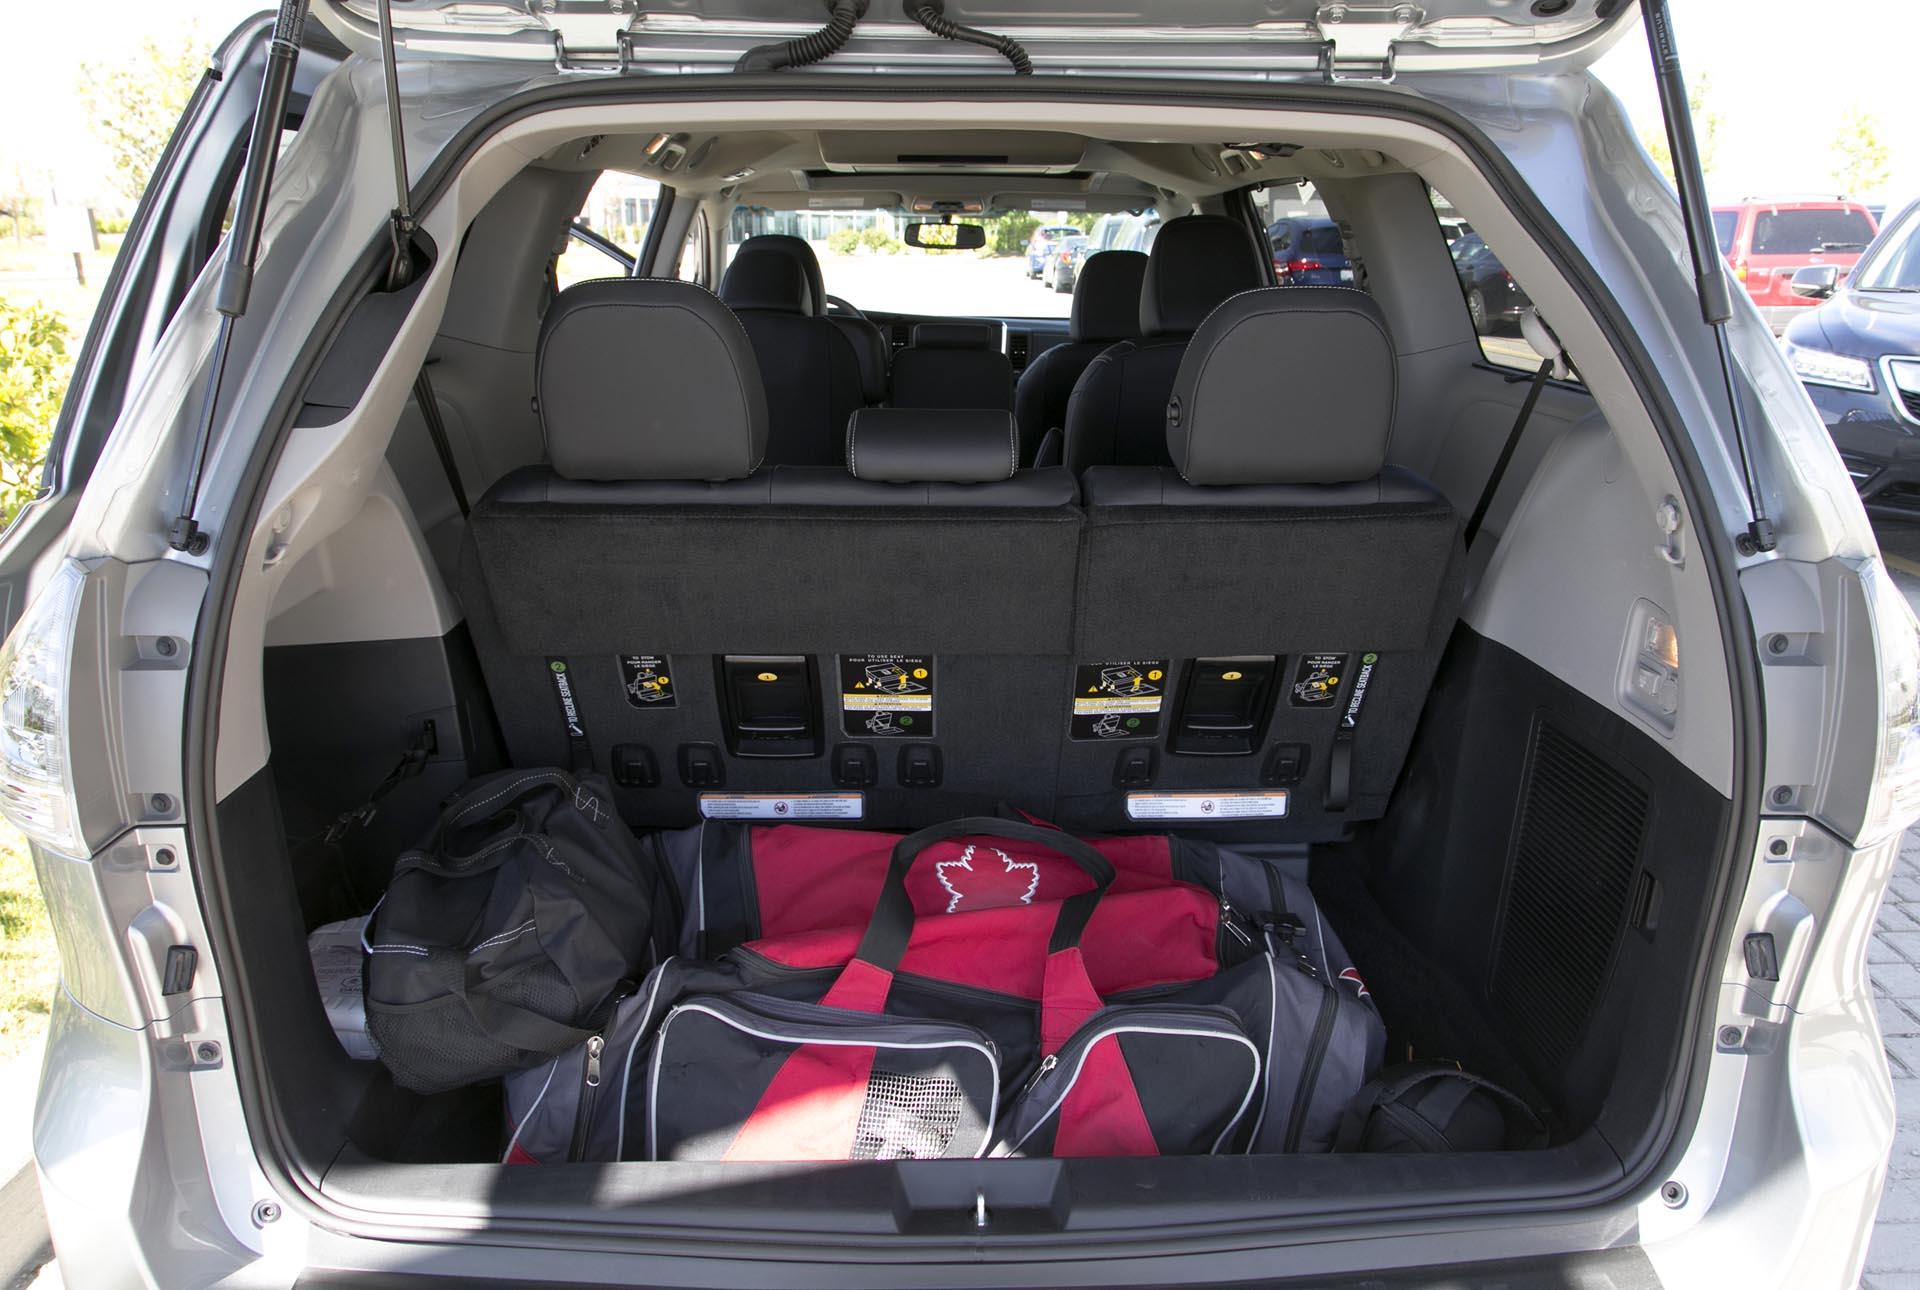 Honda Odyssey Vs Toyota Sienna 2017 >> 2015 Toyota Sienna SE V6 8-Passenger FWD - Autos.ca